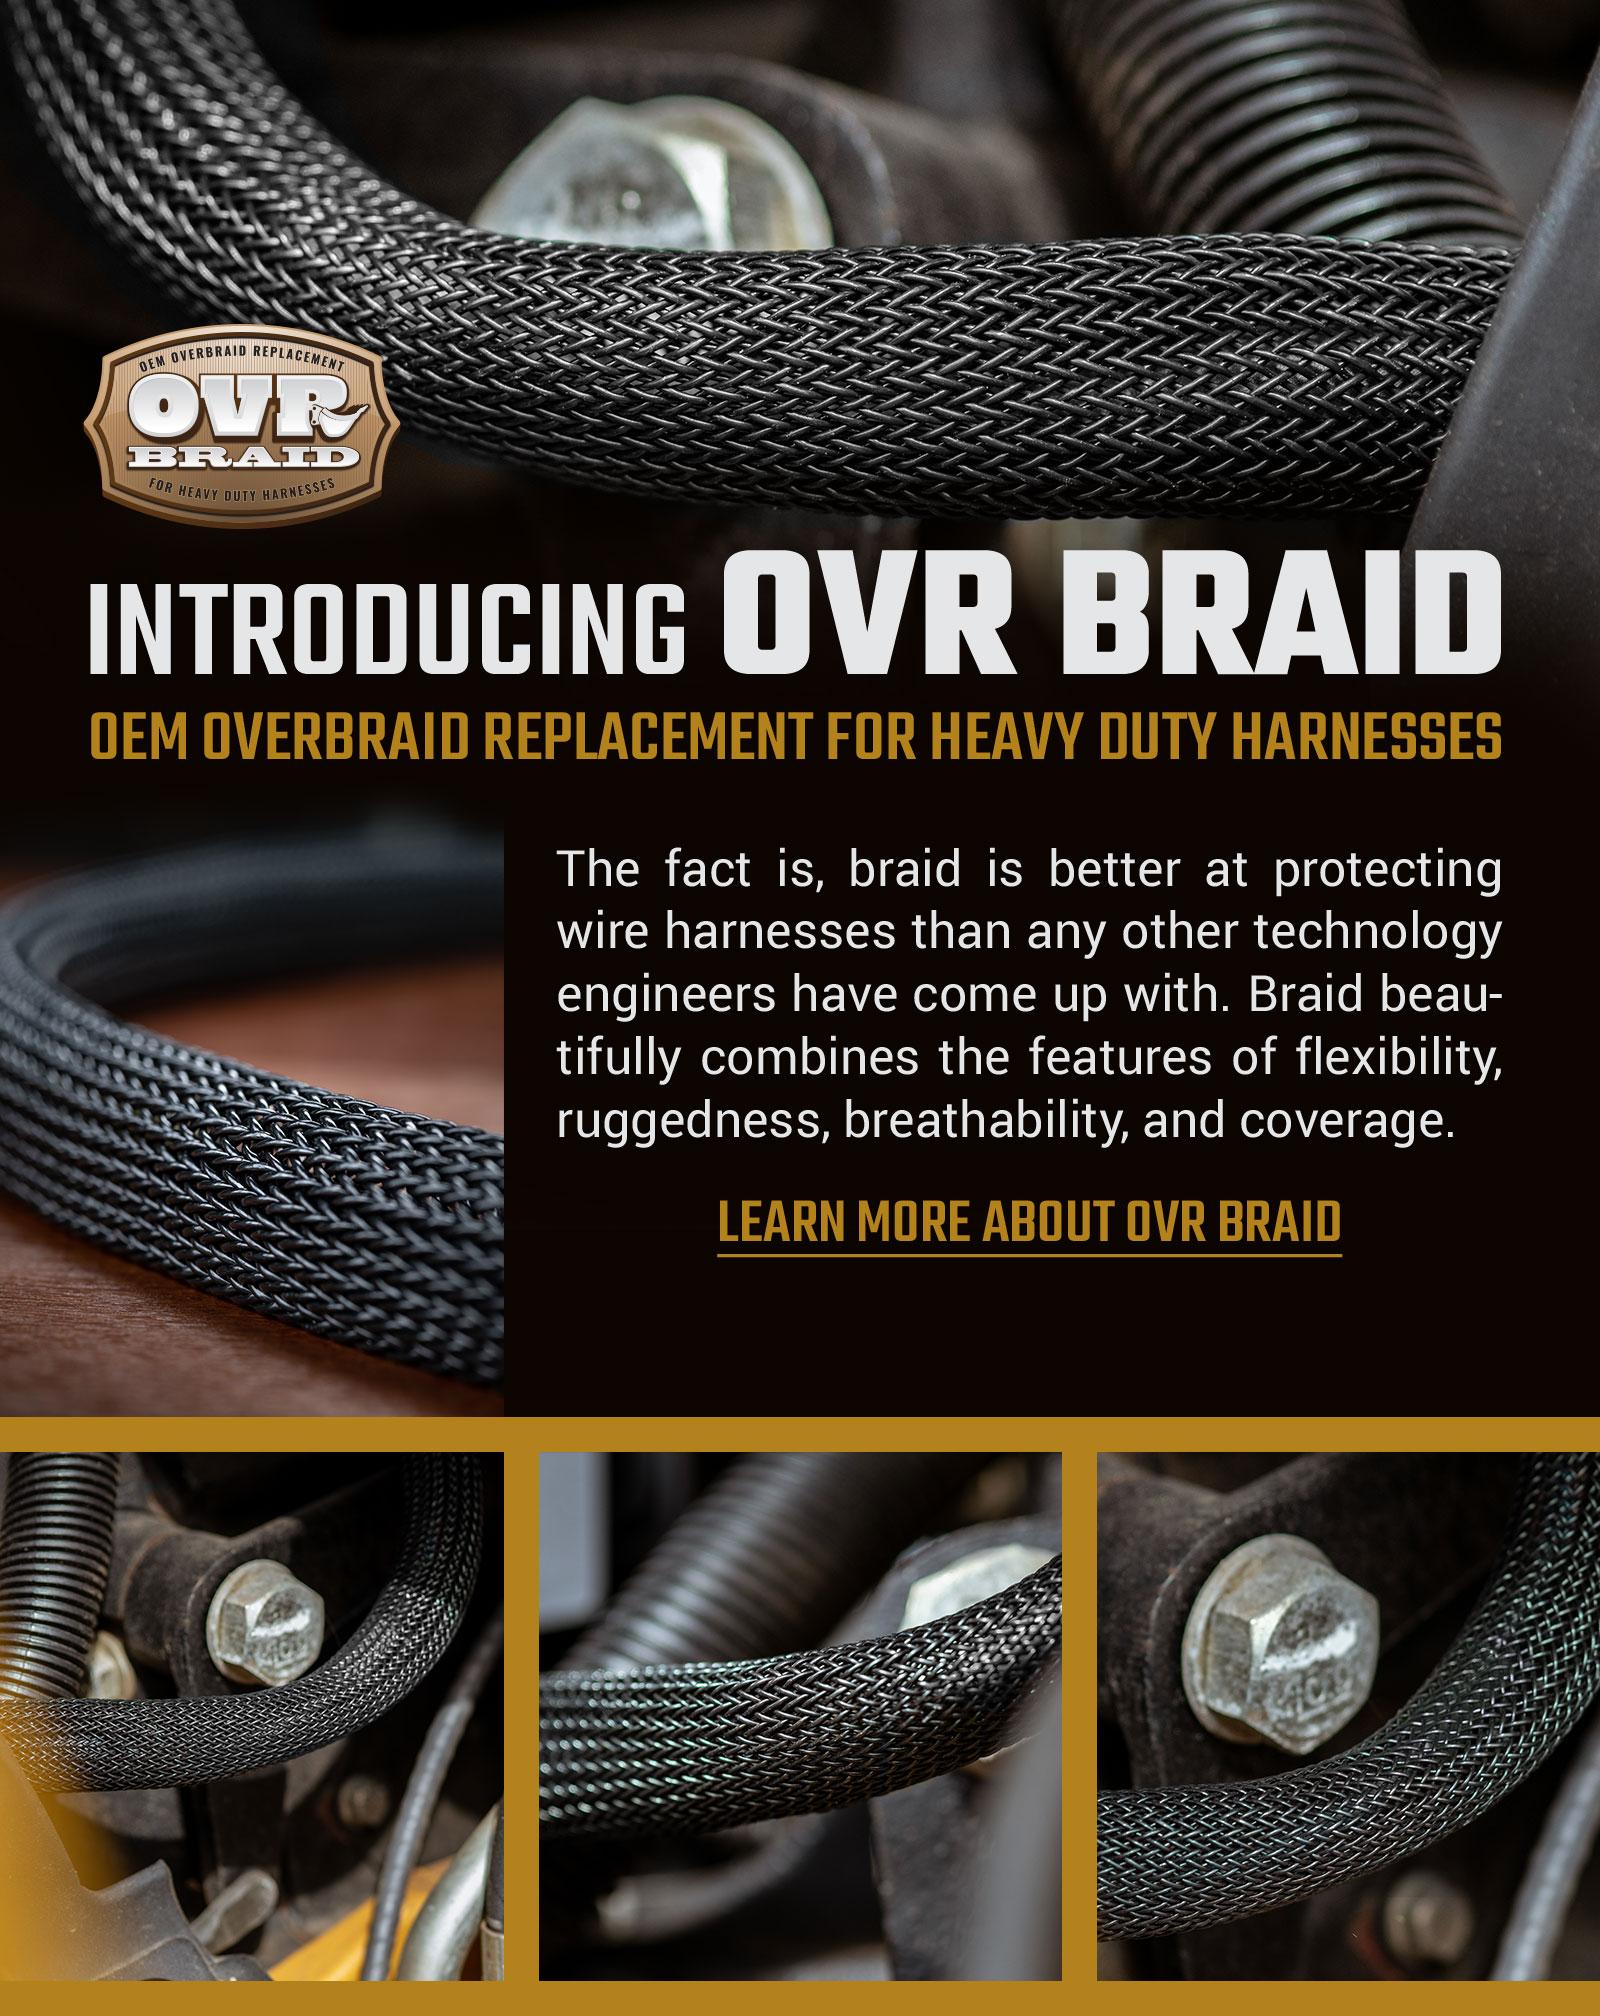 OVR braid